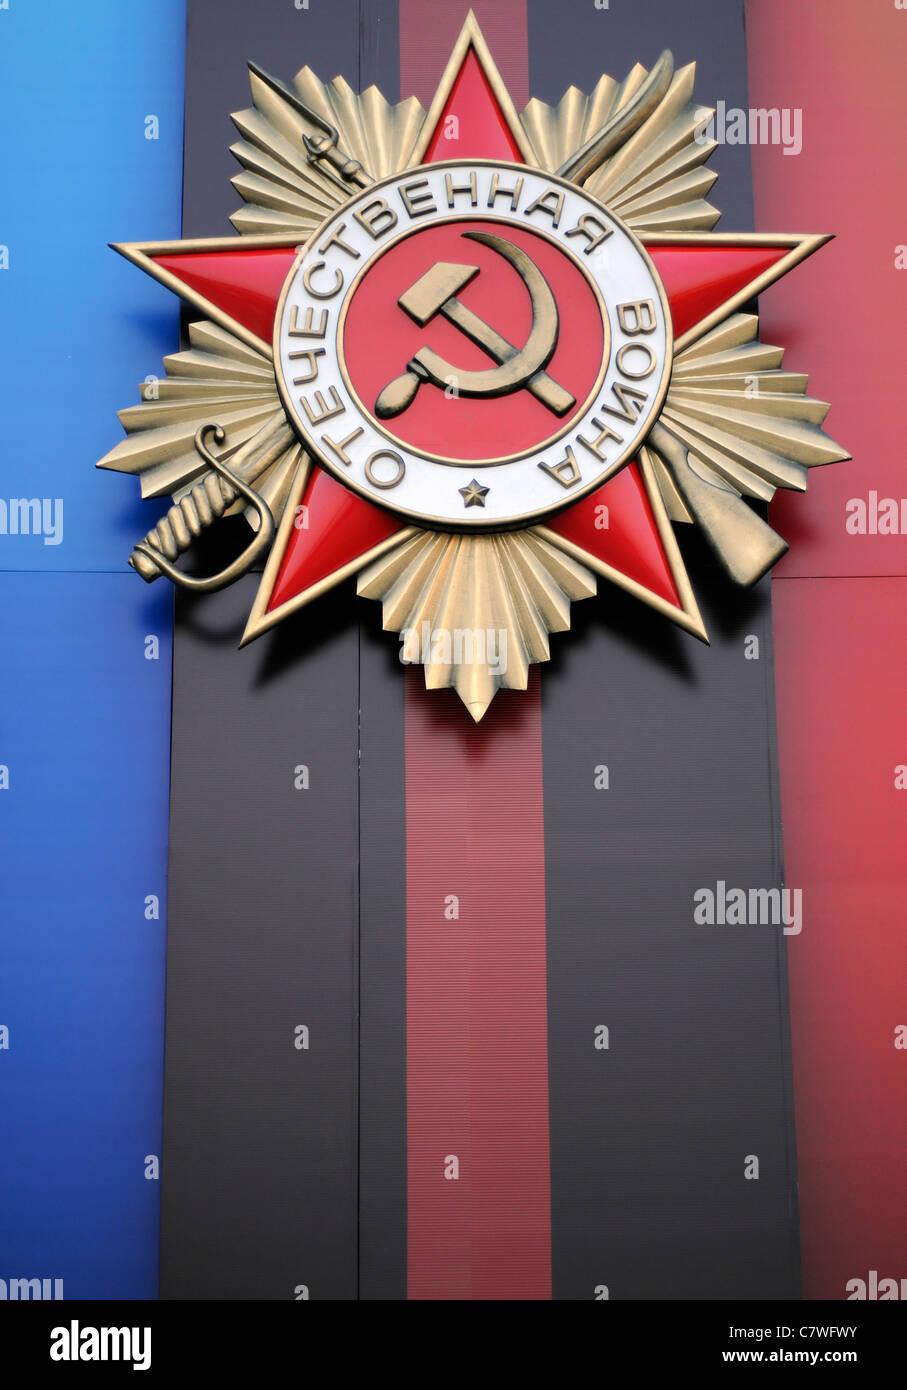 Sickel russo e un martello simbolo simbolismo decorazione vittoria day celebrazione decorare la Piazza Rossa Mosca Immagini Stock